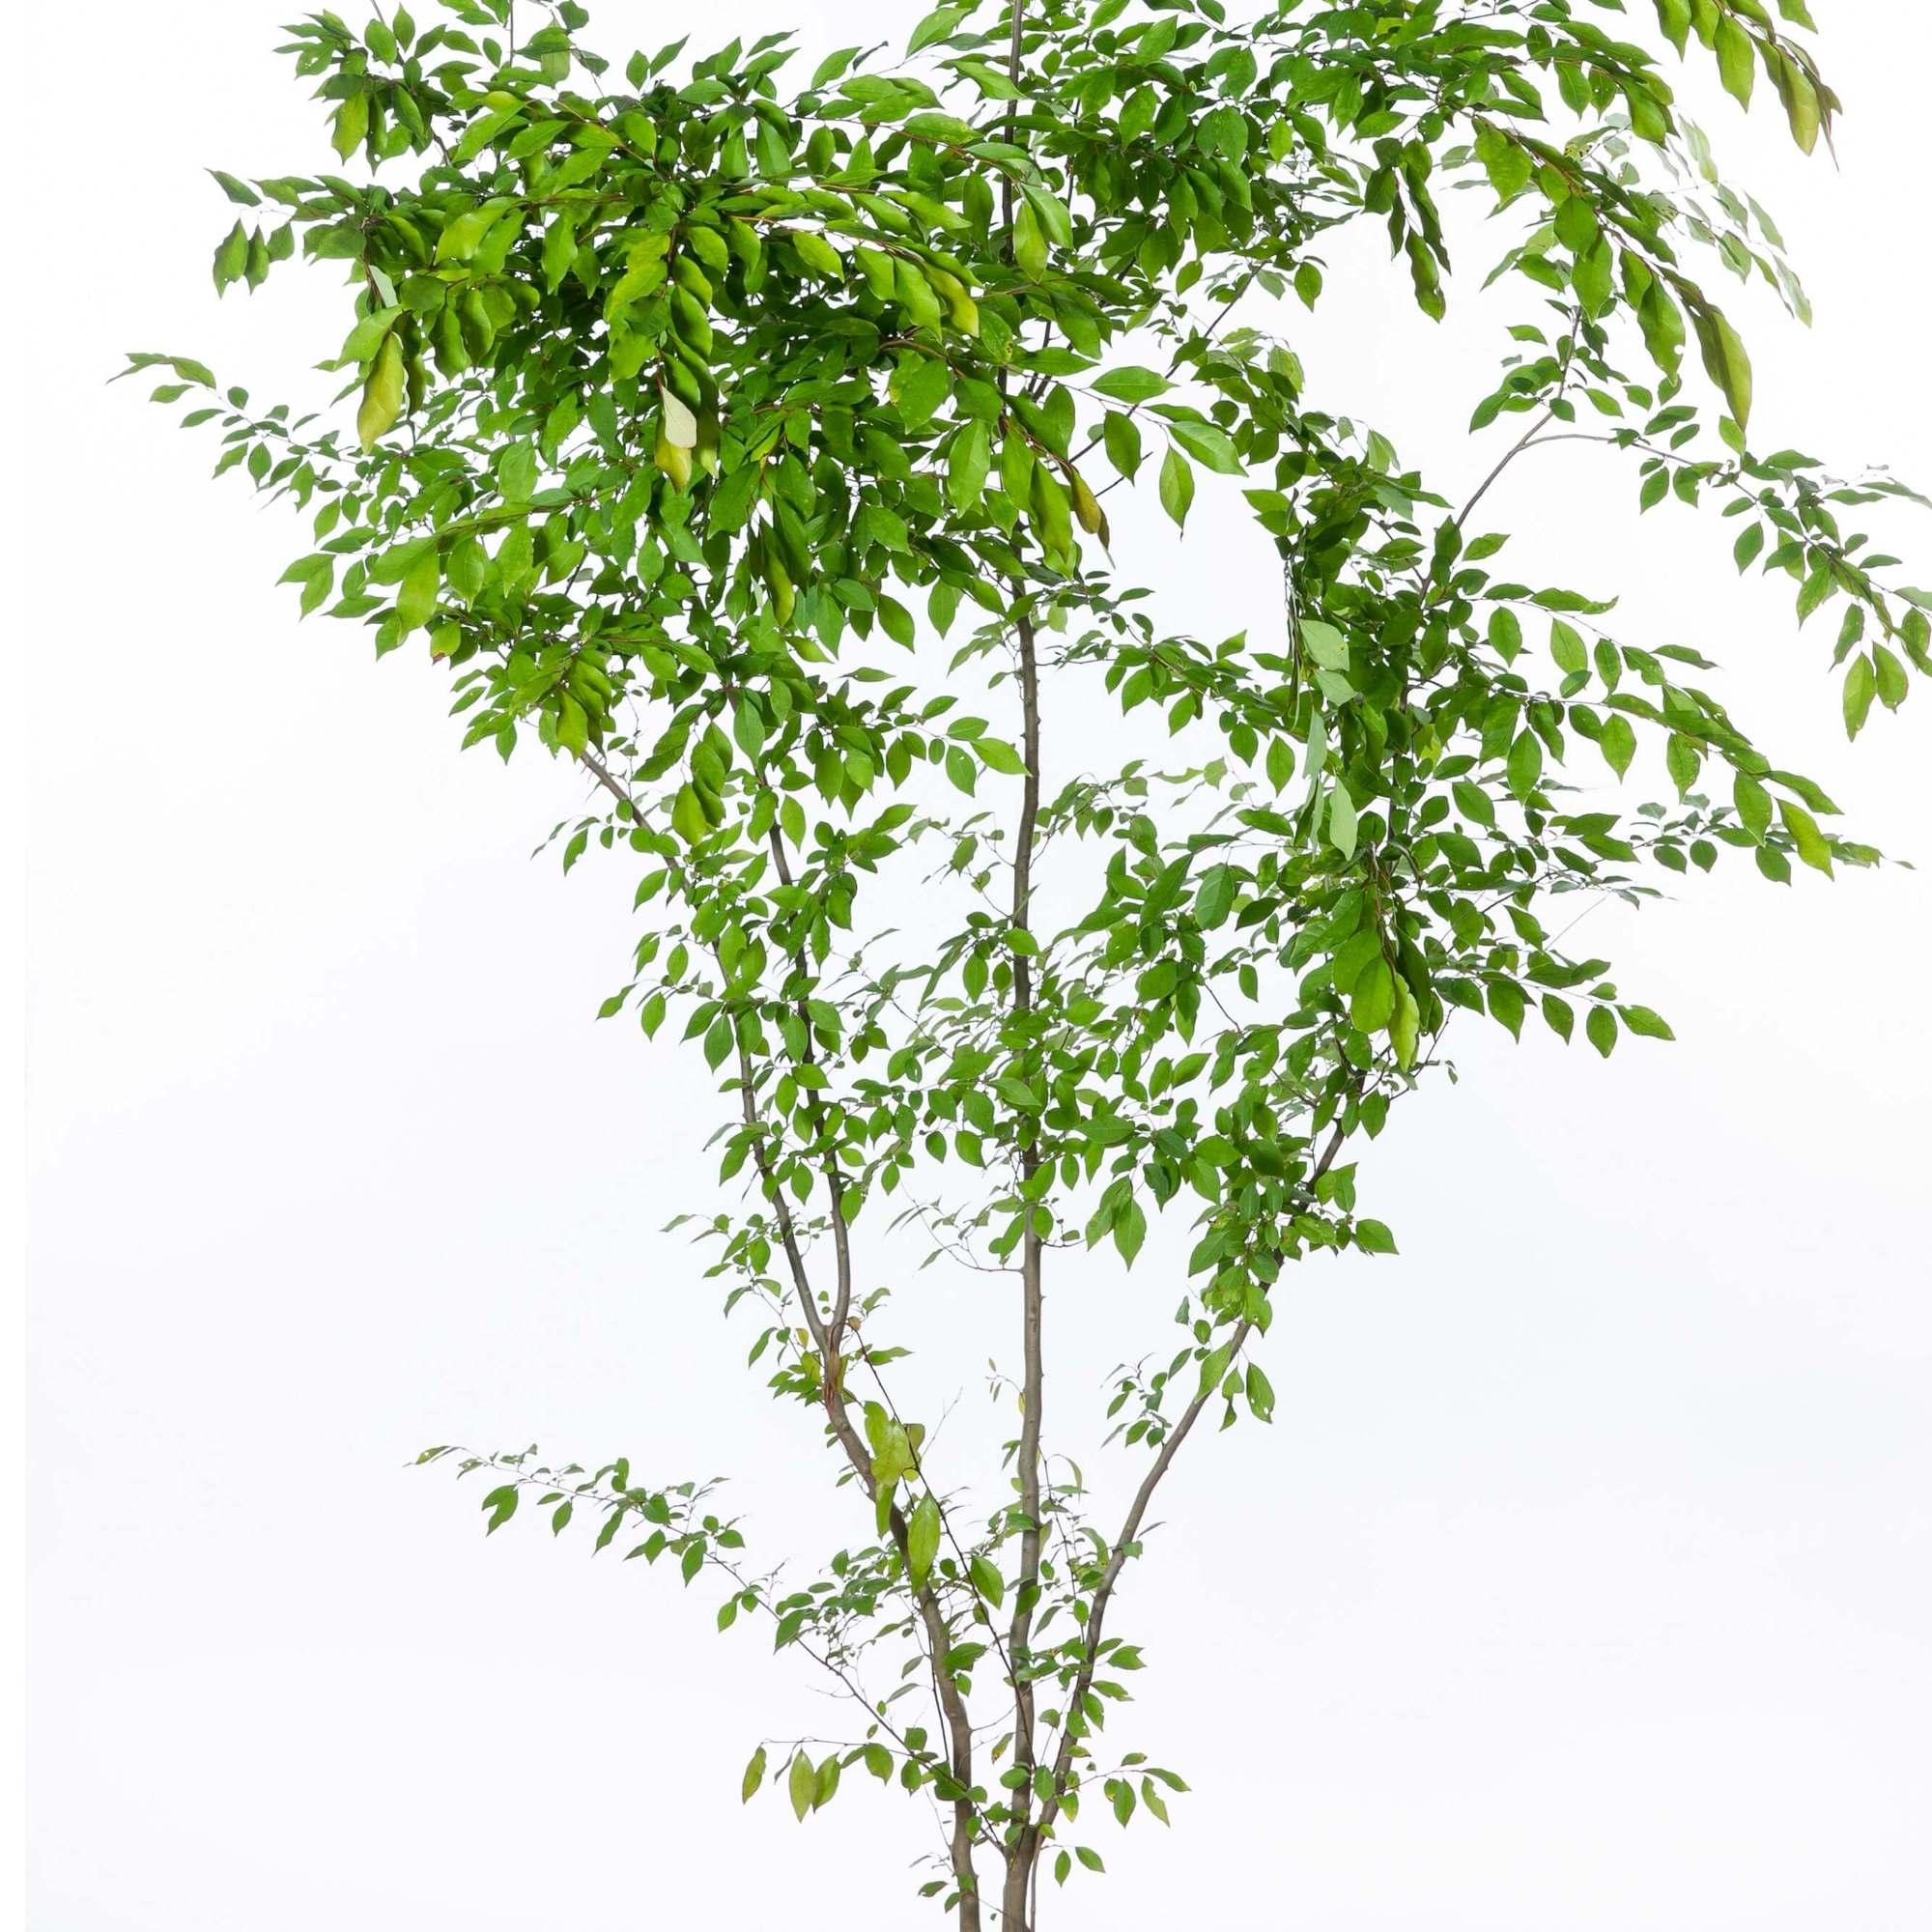 アブラチャン 落葉低木 クスノキ科 植栽